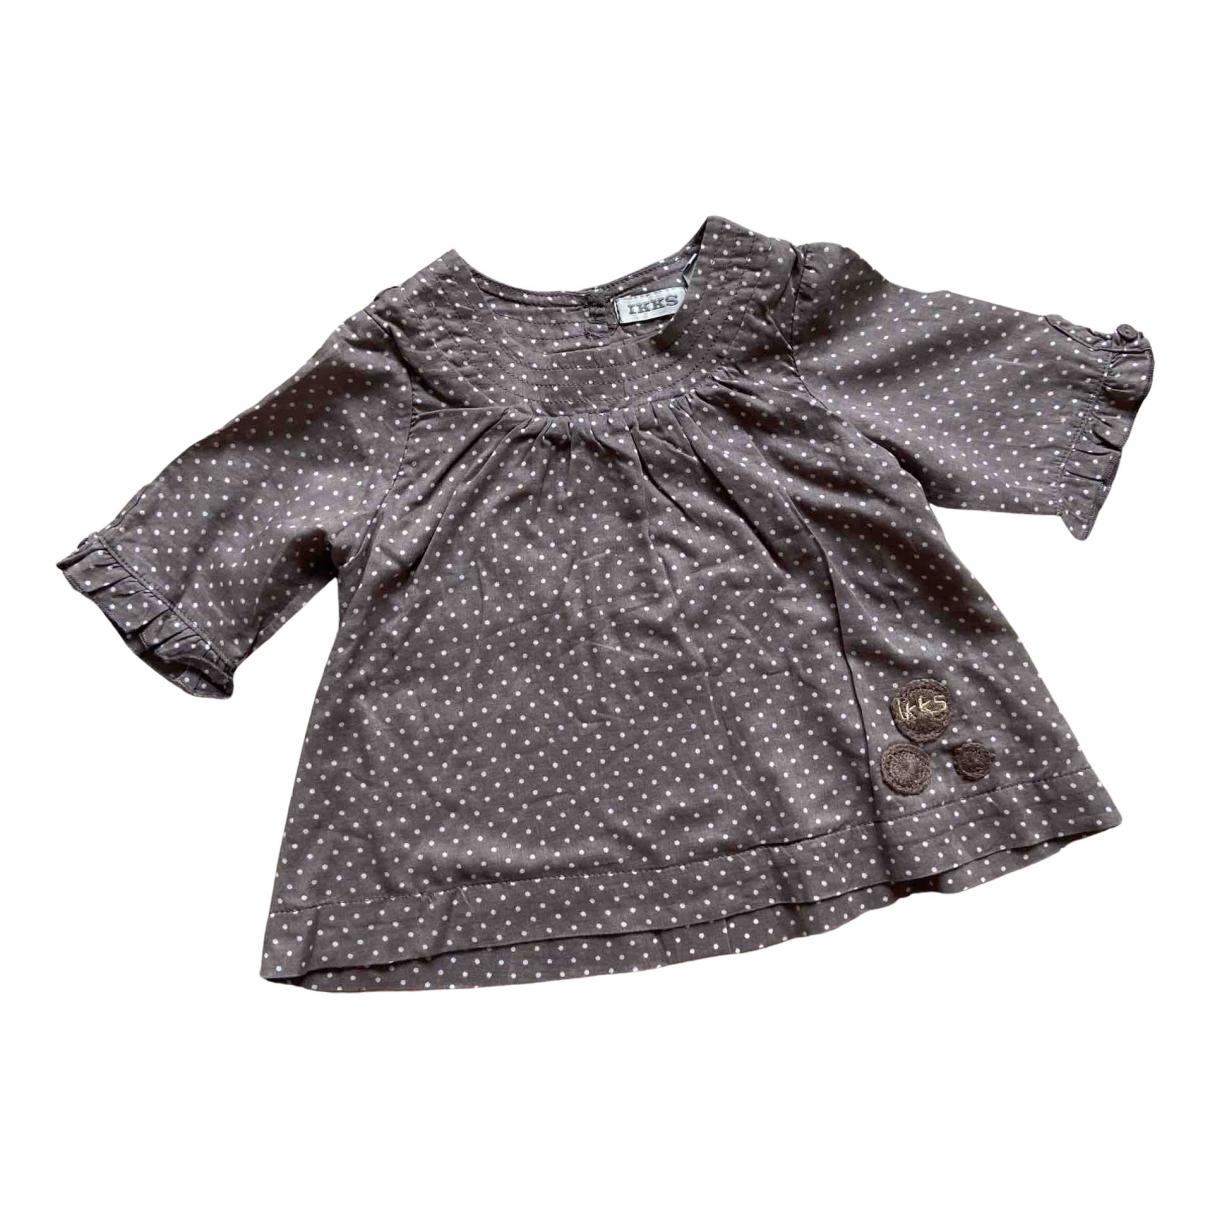 Ikks - Top   pour enfant en coton - marron